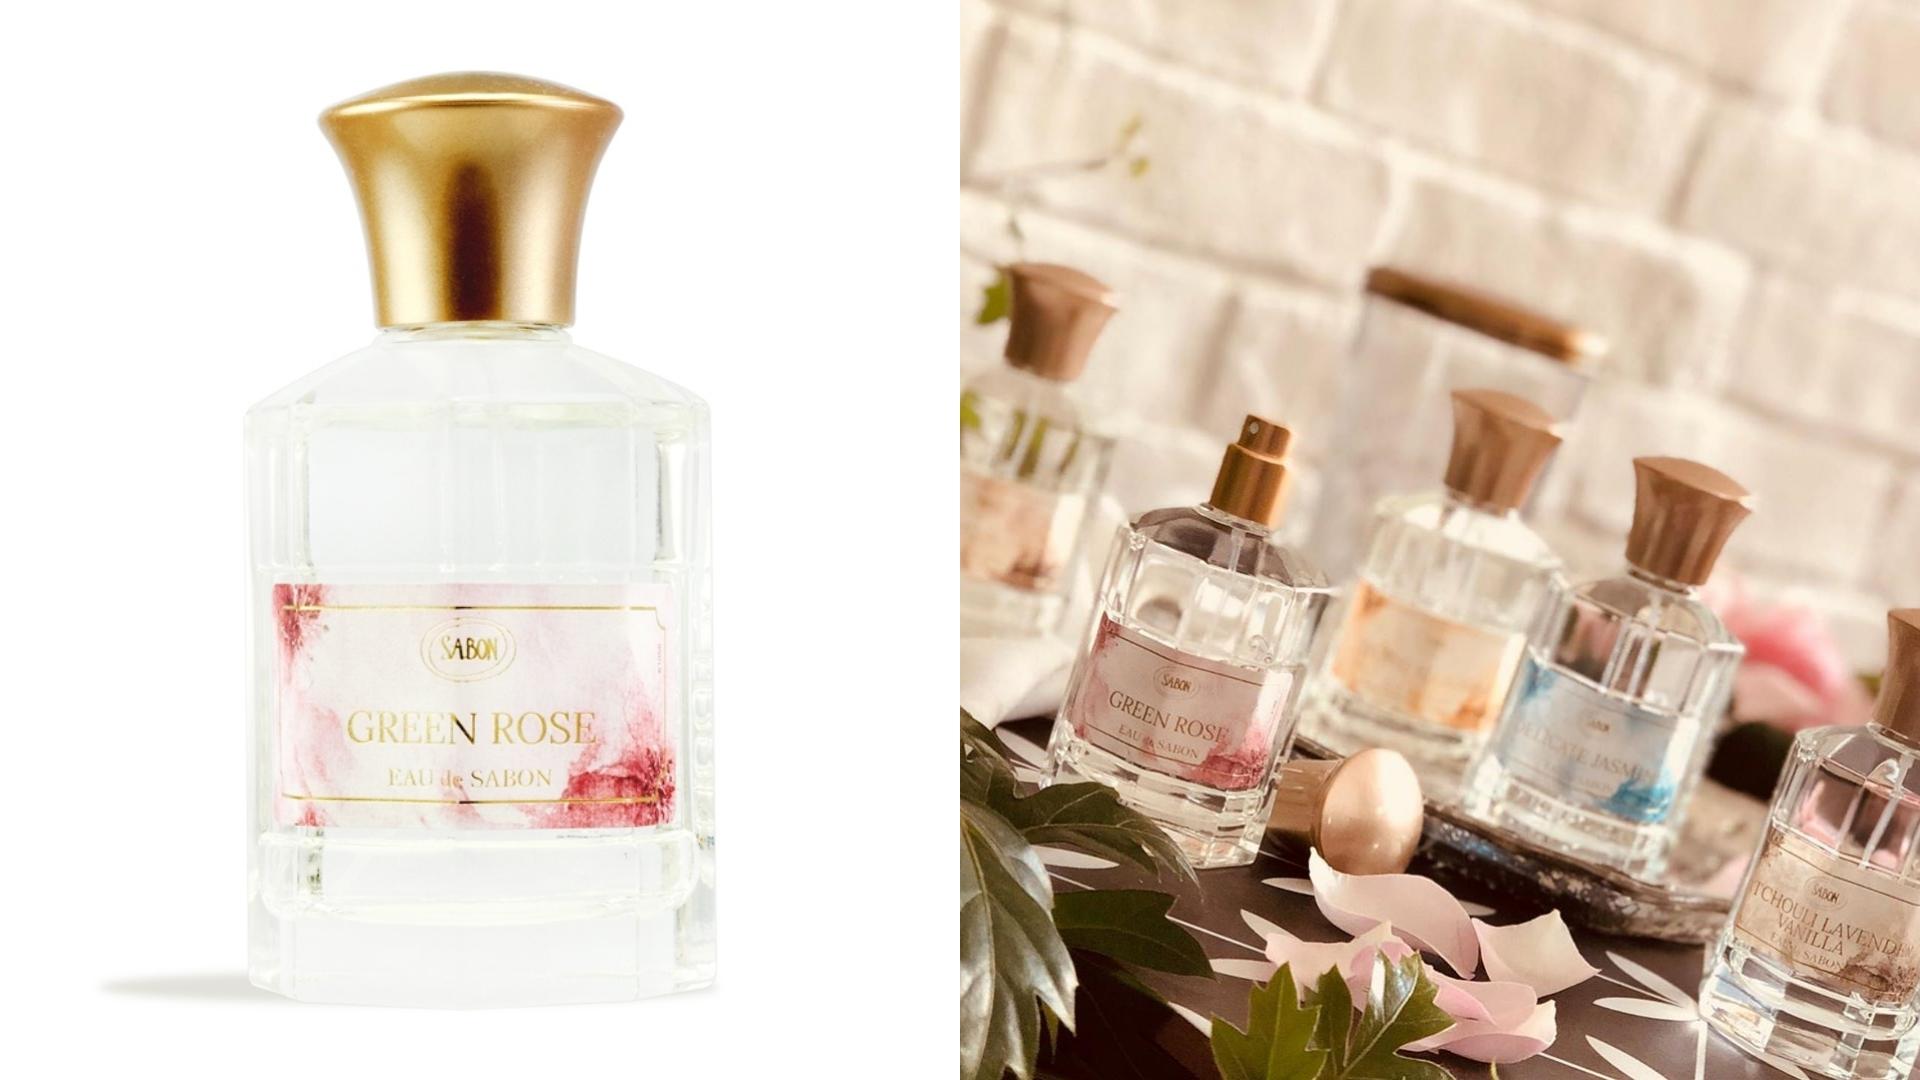 不同於紅玫瑰的冶艷以及白玫瑰的簡約,綠玫瑰和諧的融入玫瑰的柔美與柑橘調的清新